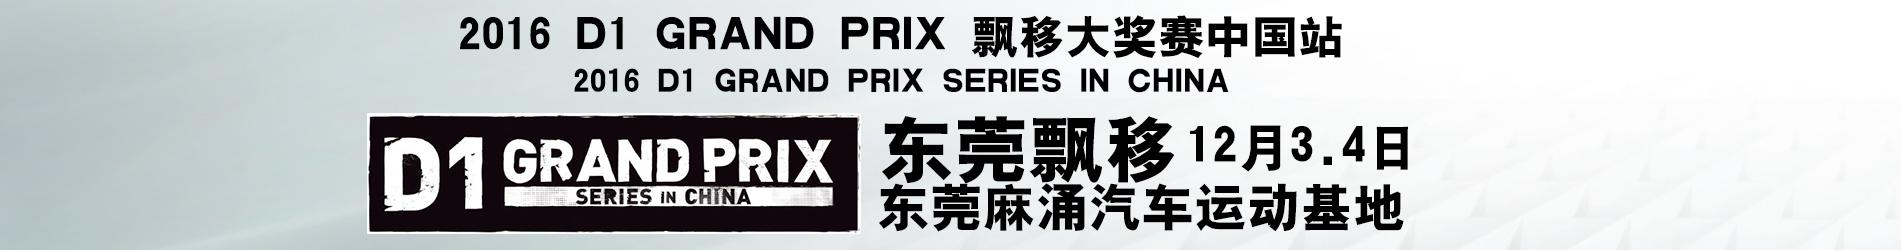 2016D1,东莞,D1 GRAND PRIX,飘移大奖赛